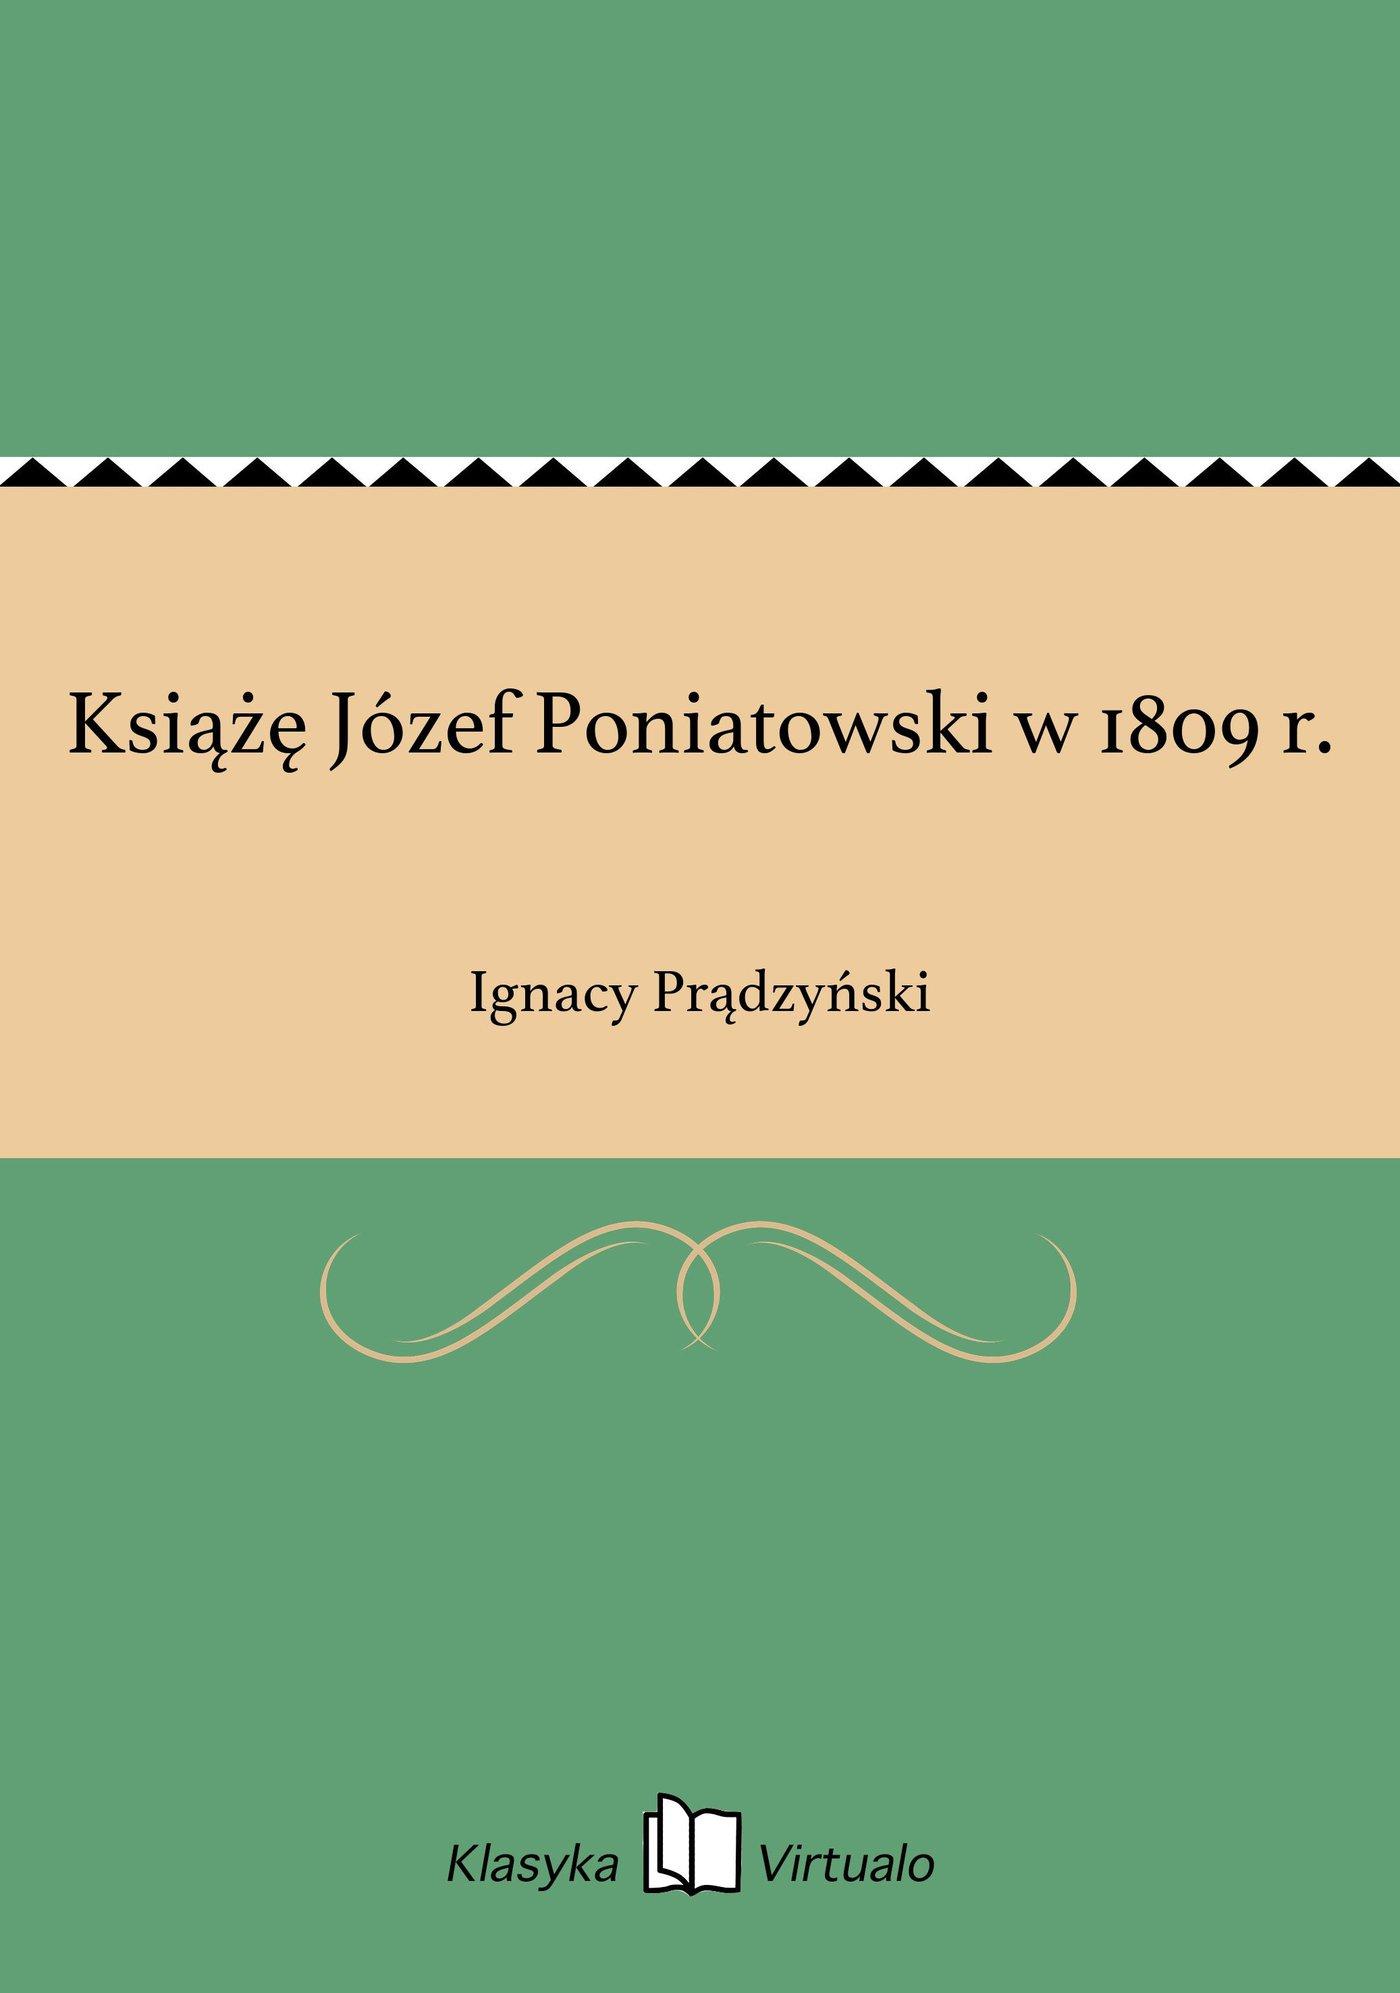 Książę Józef Poniatowski w 1809 r. - Ebook (Książka EPUB) do pobrania w formacie EPUB